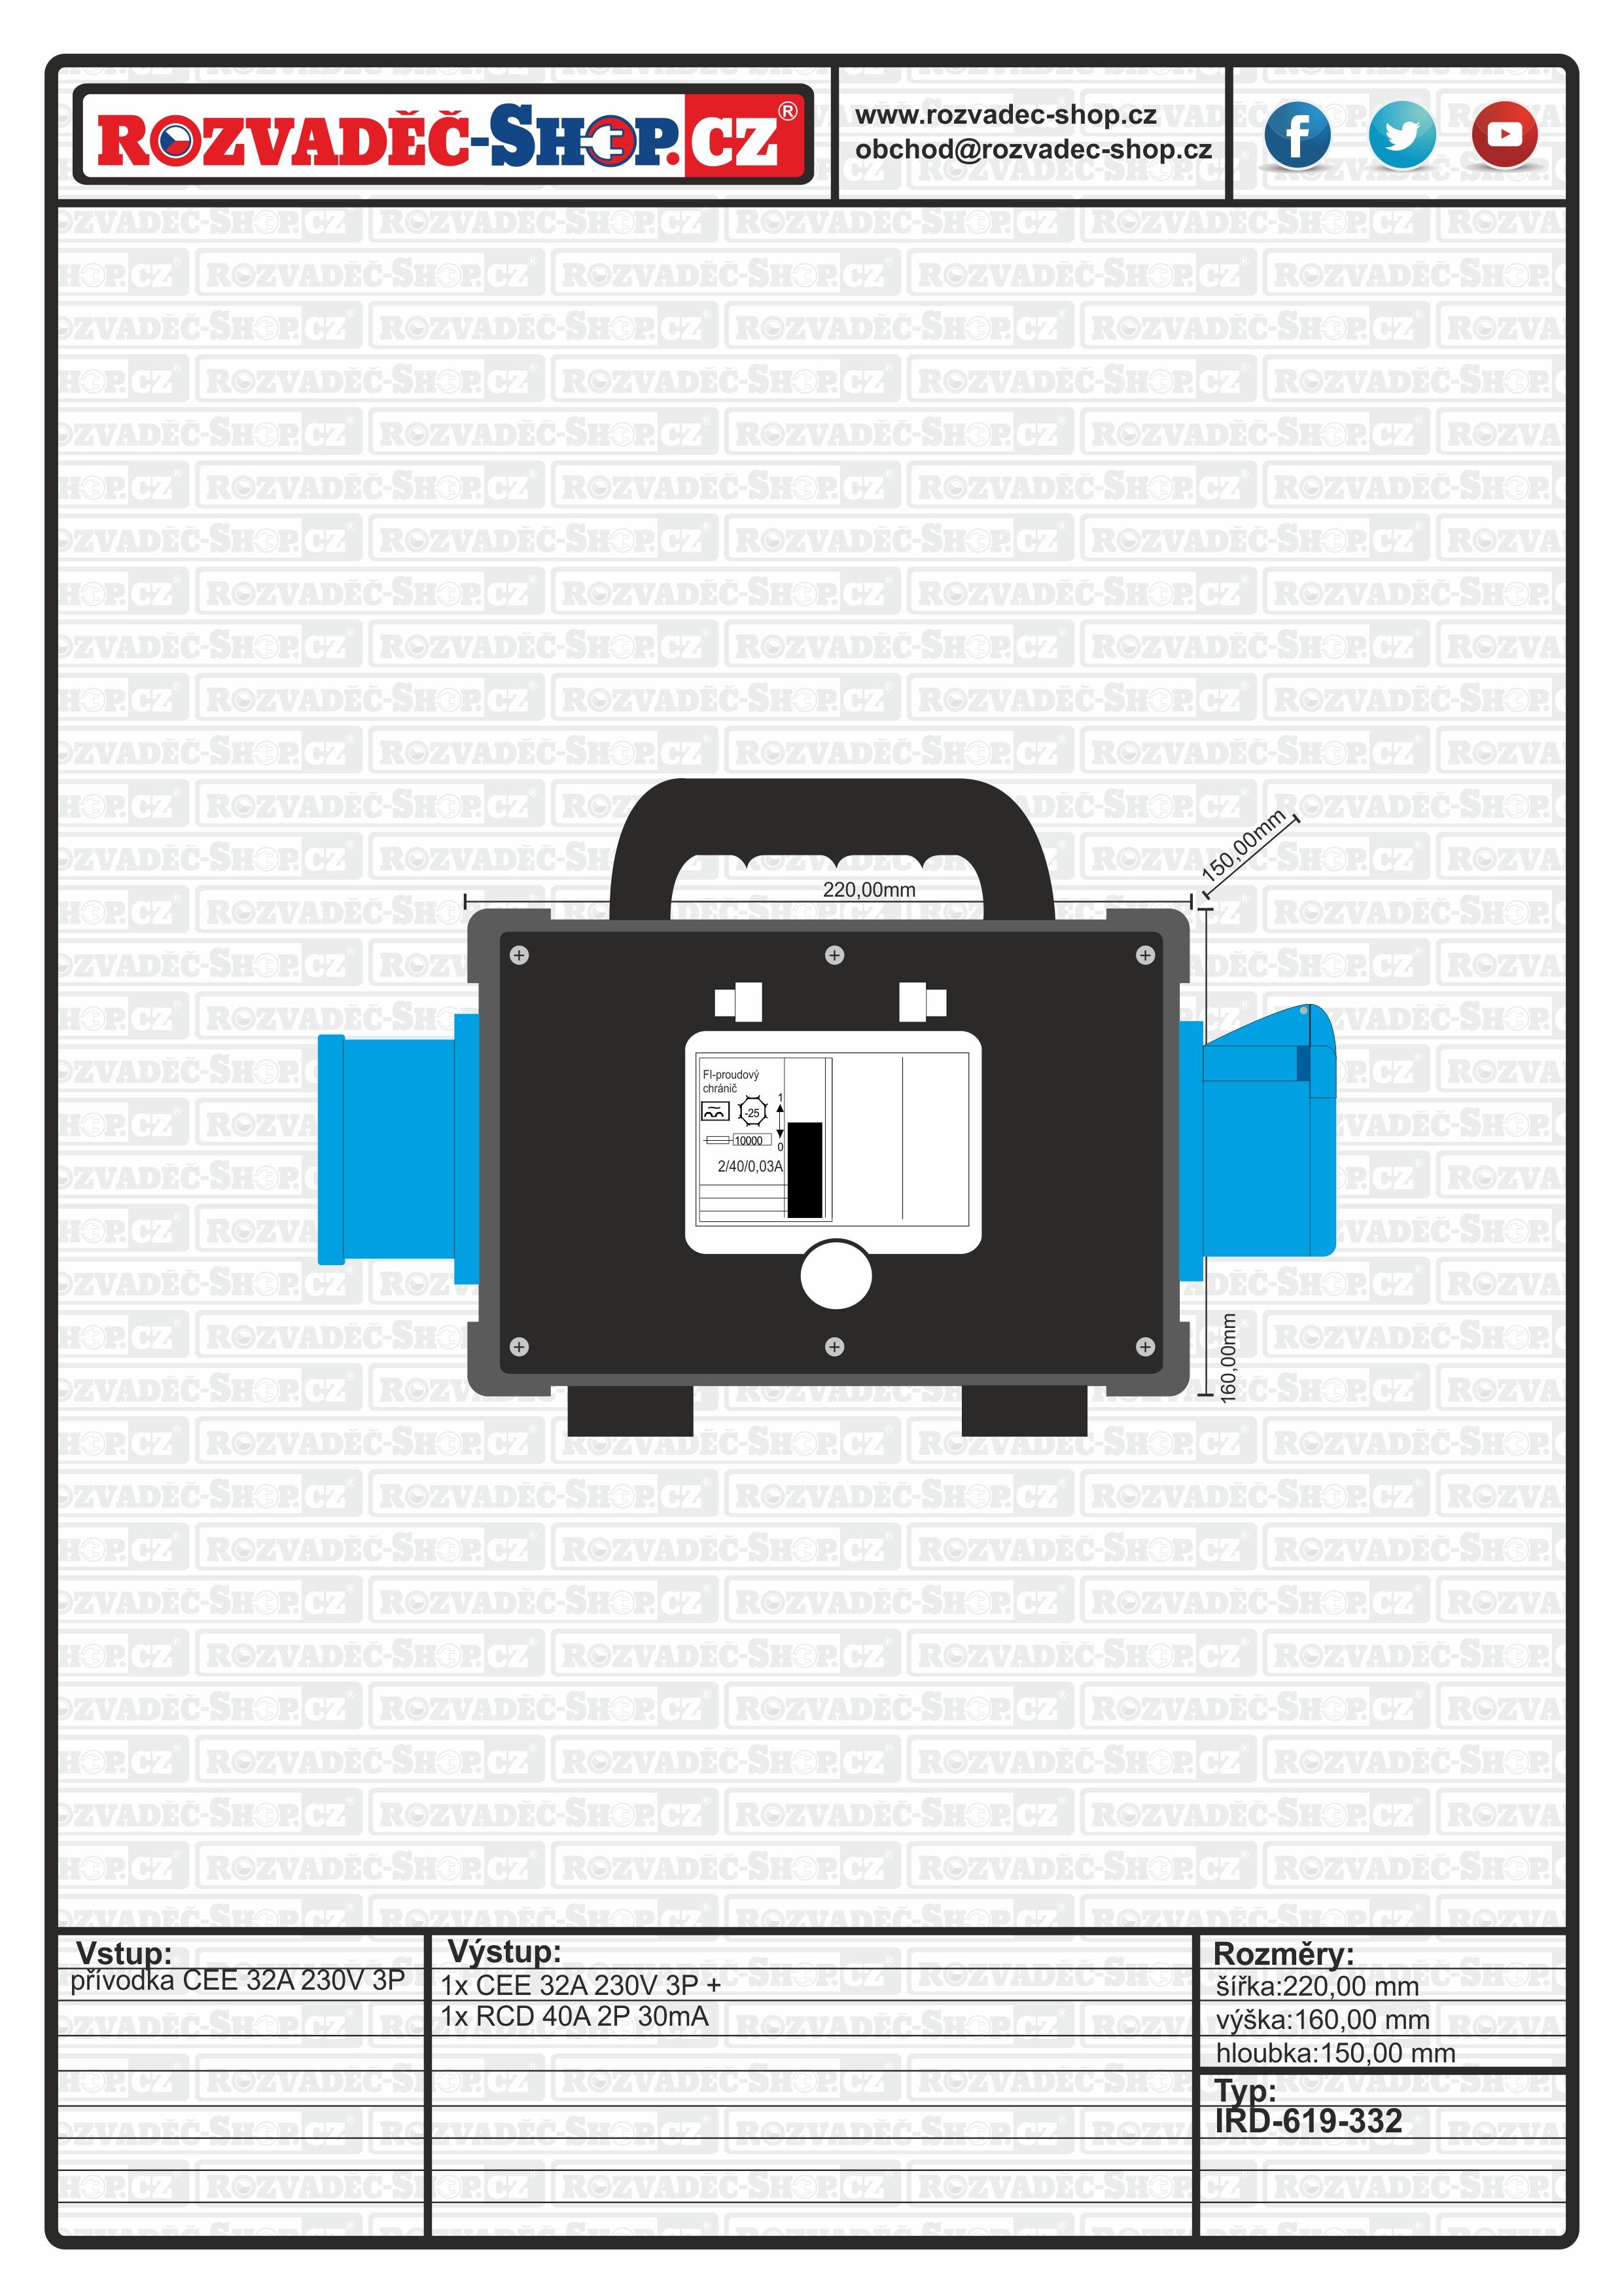 IRD-619-332-FIN